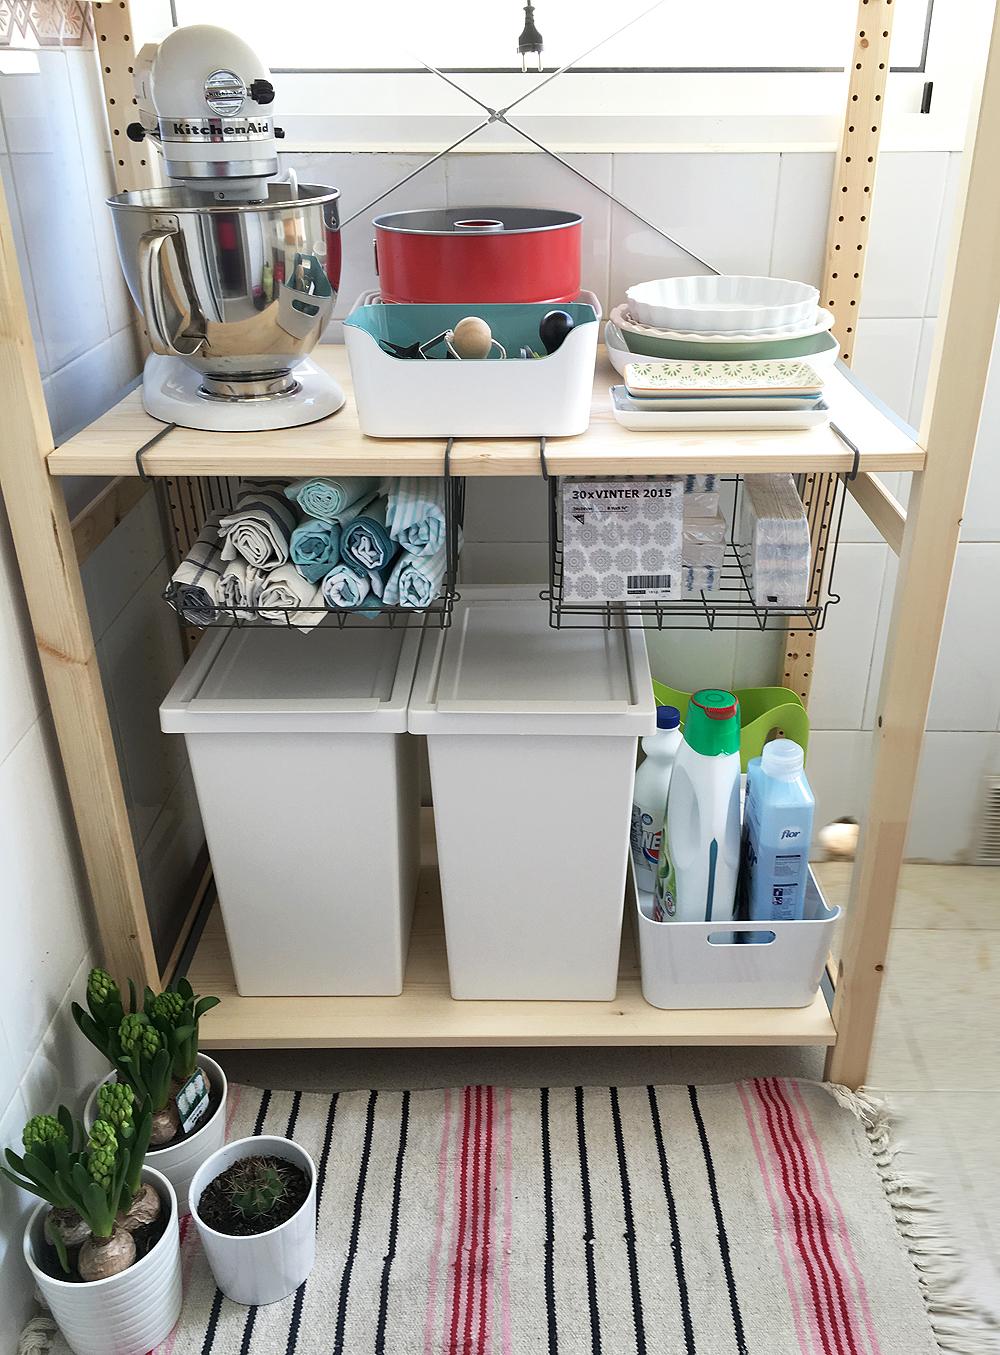 Cocina Compacta Ikea. Inter Ikea Systems Bv Condiciones De Uso ...